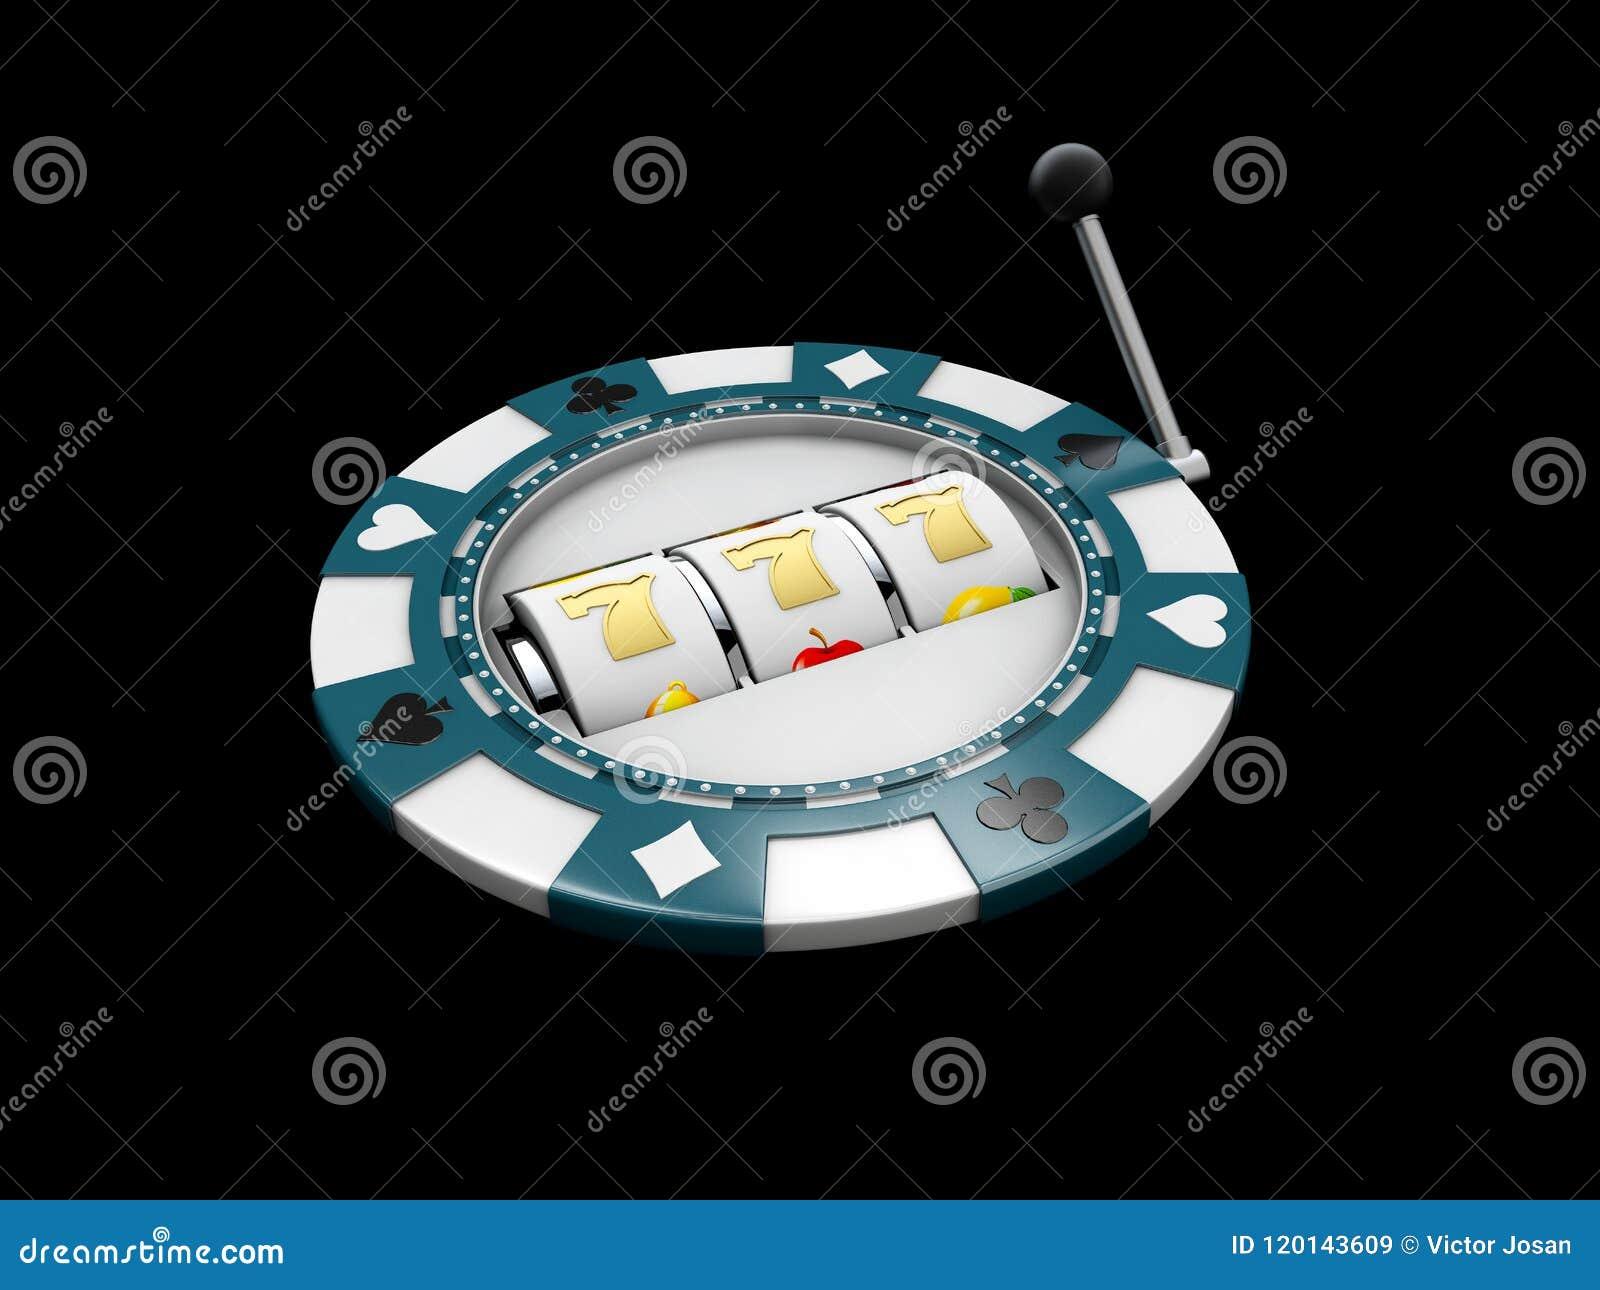 Μηχάνημα τυχερών παιχνιδιών με κέρματα με το τυχερό τζακ ποτ sevens στο τσιπ χαρτοπαικτικών λεσχών η τρισδιάστατη απεικόνιση απομ